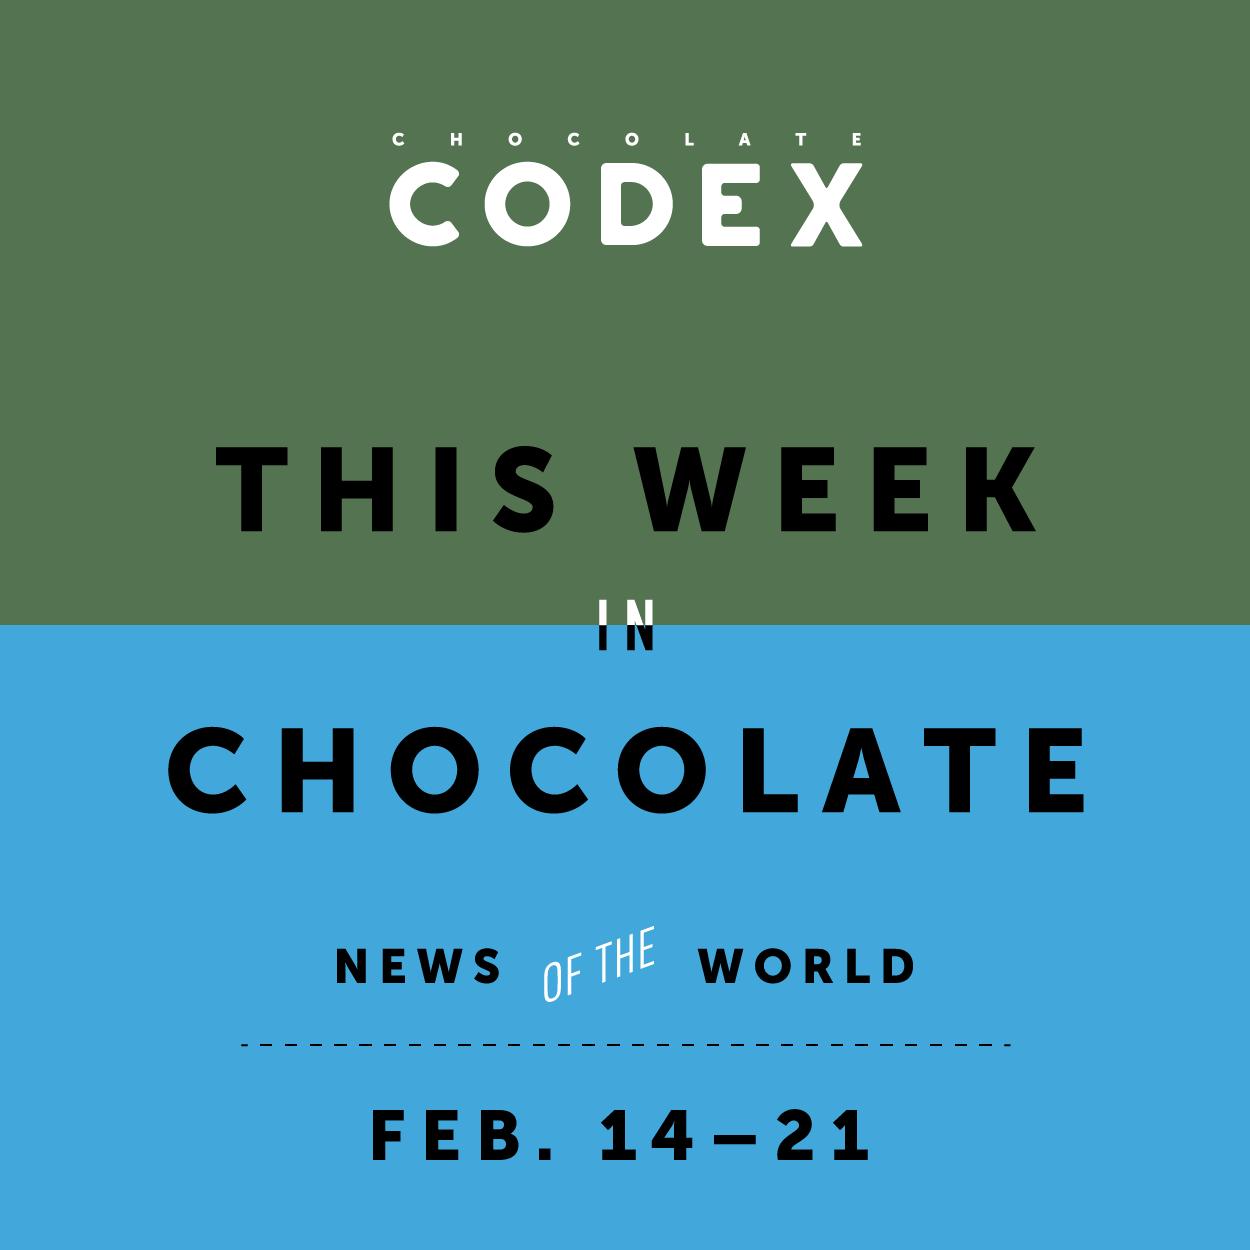 ChocolateCodex_ThisWeek_Chocolate_News_2016_08-01